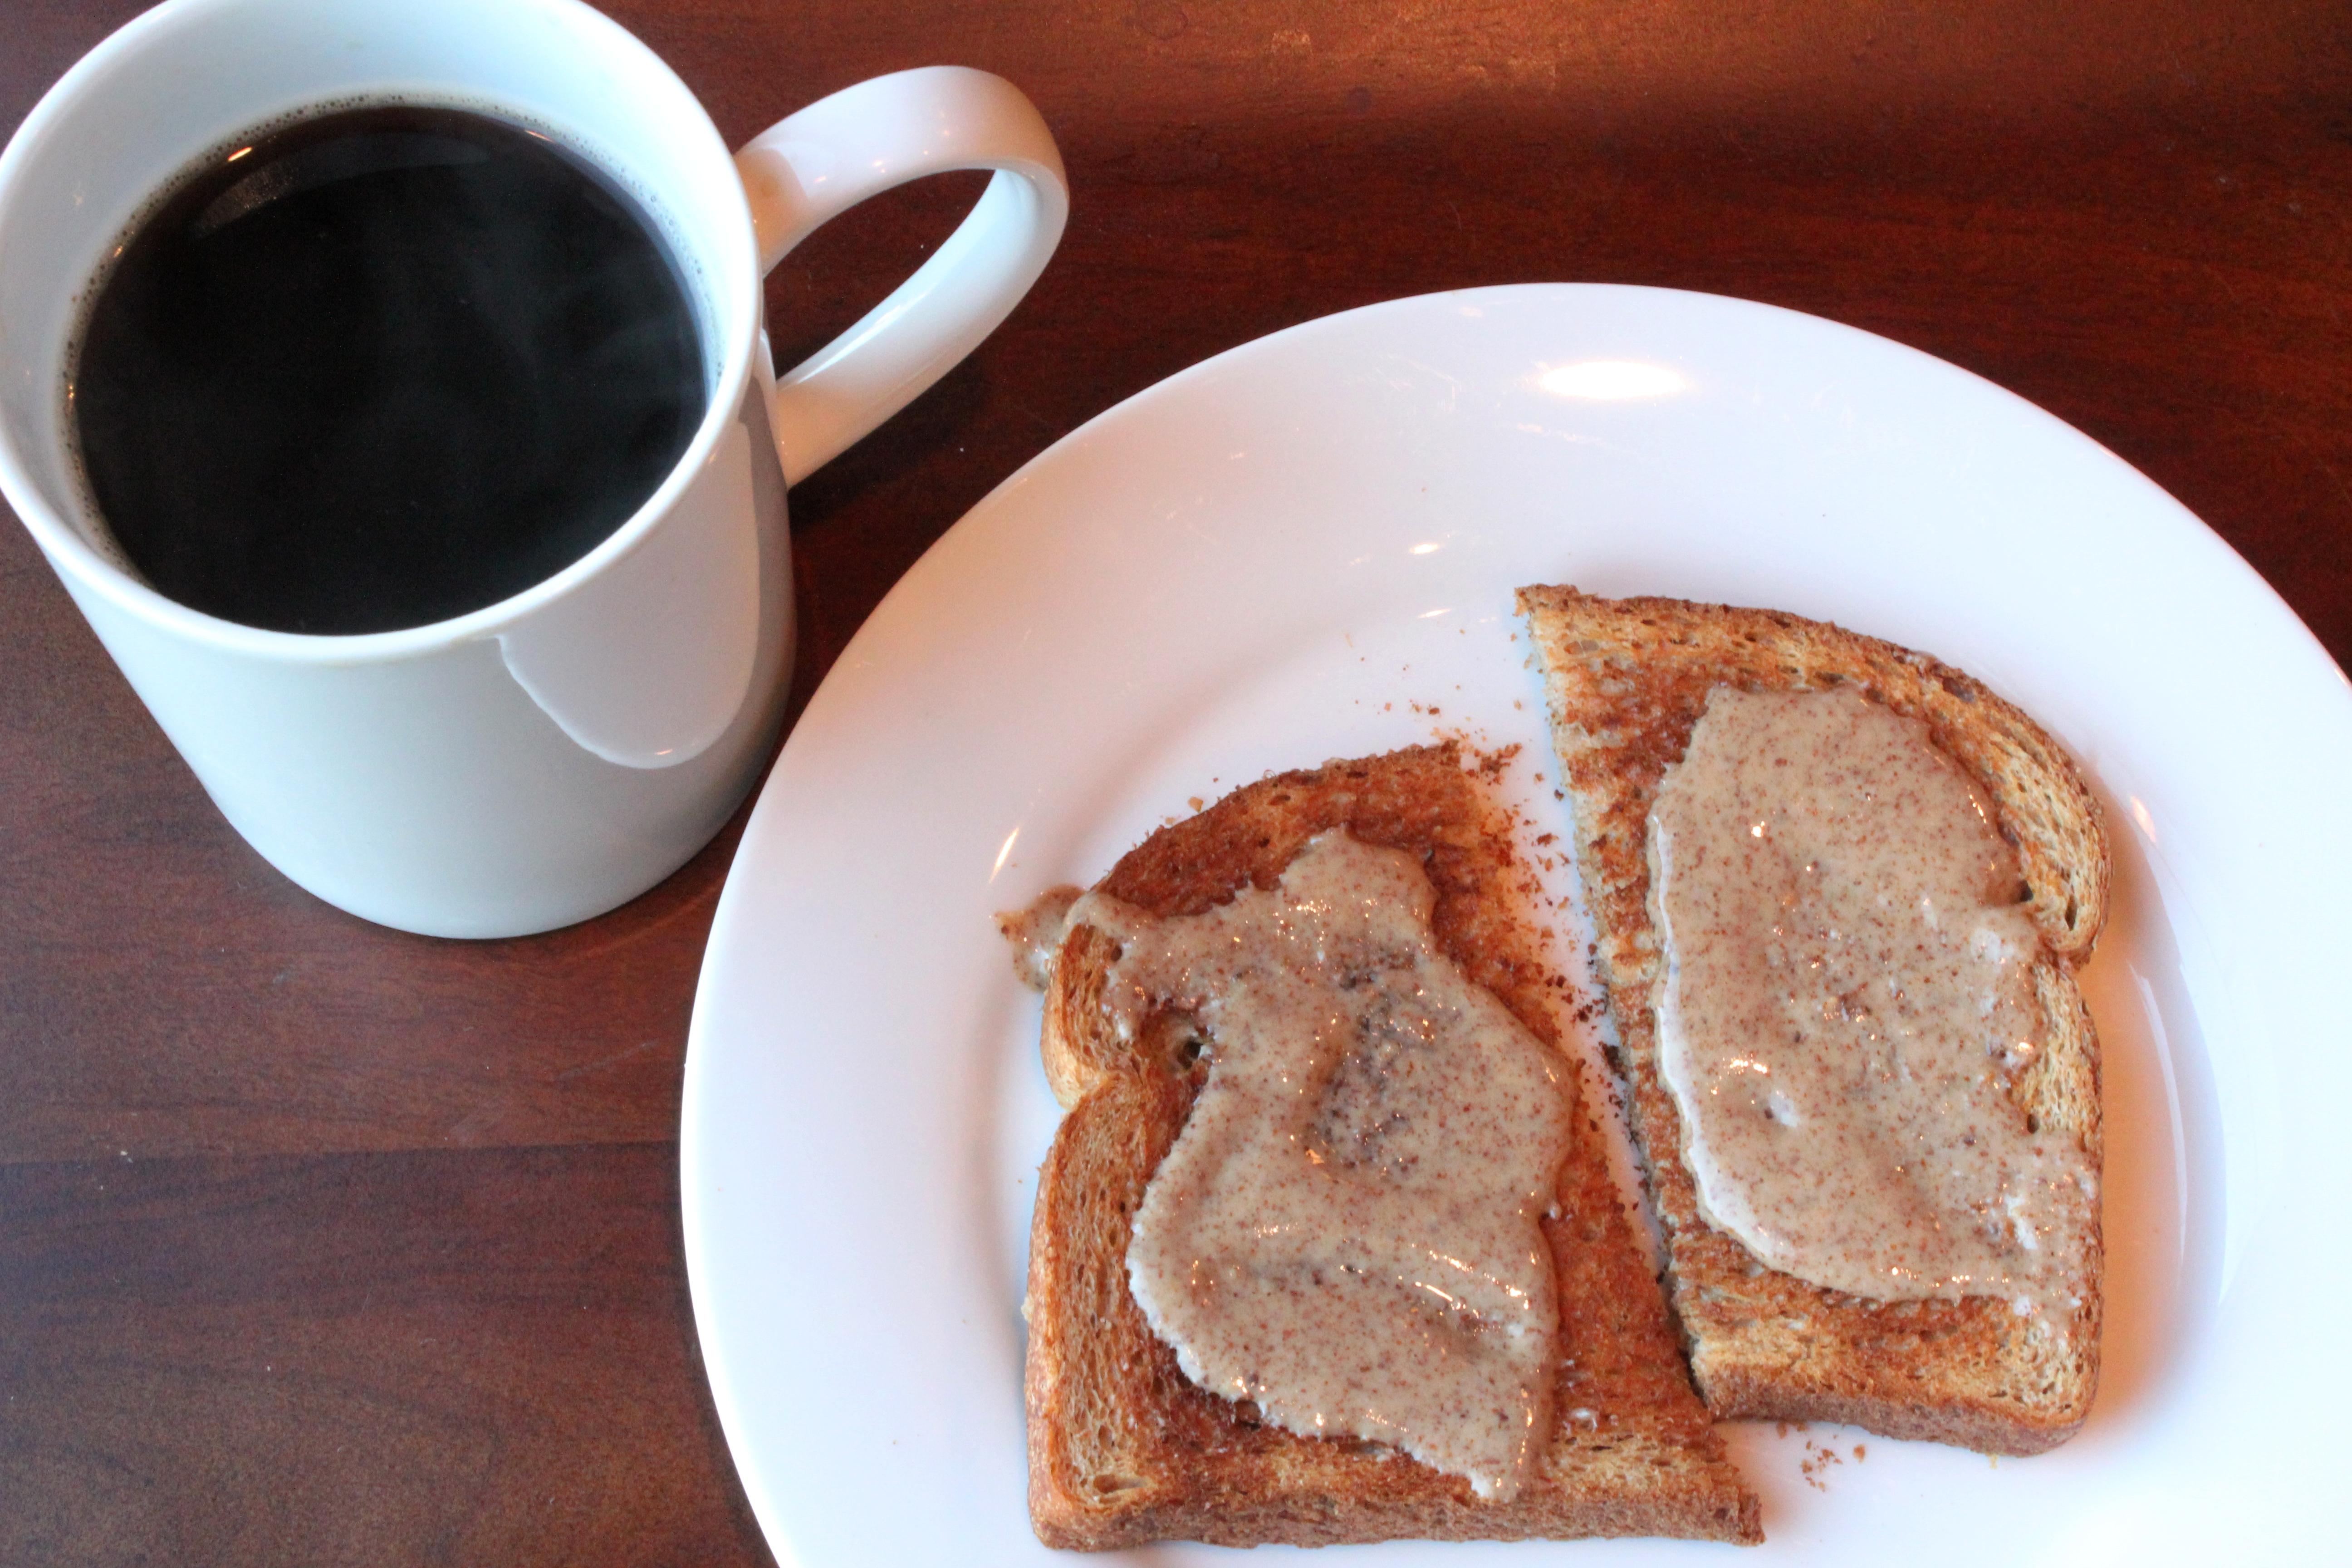 almond butter on toast